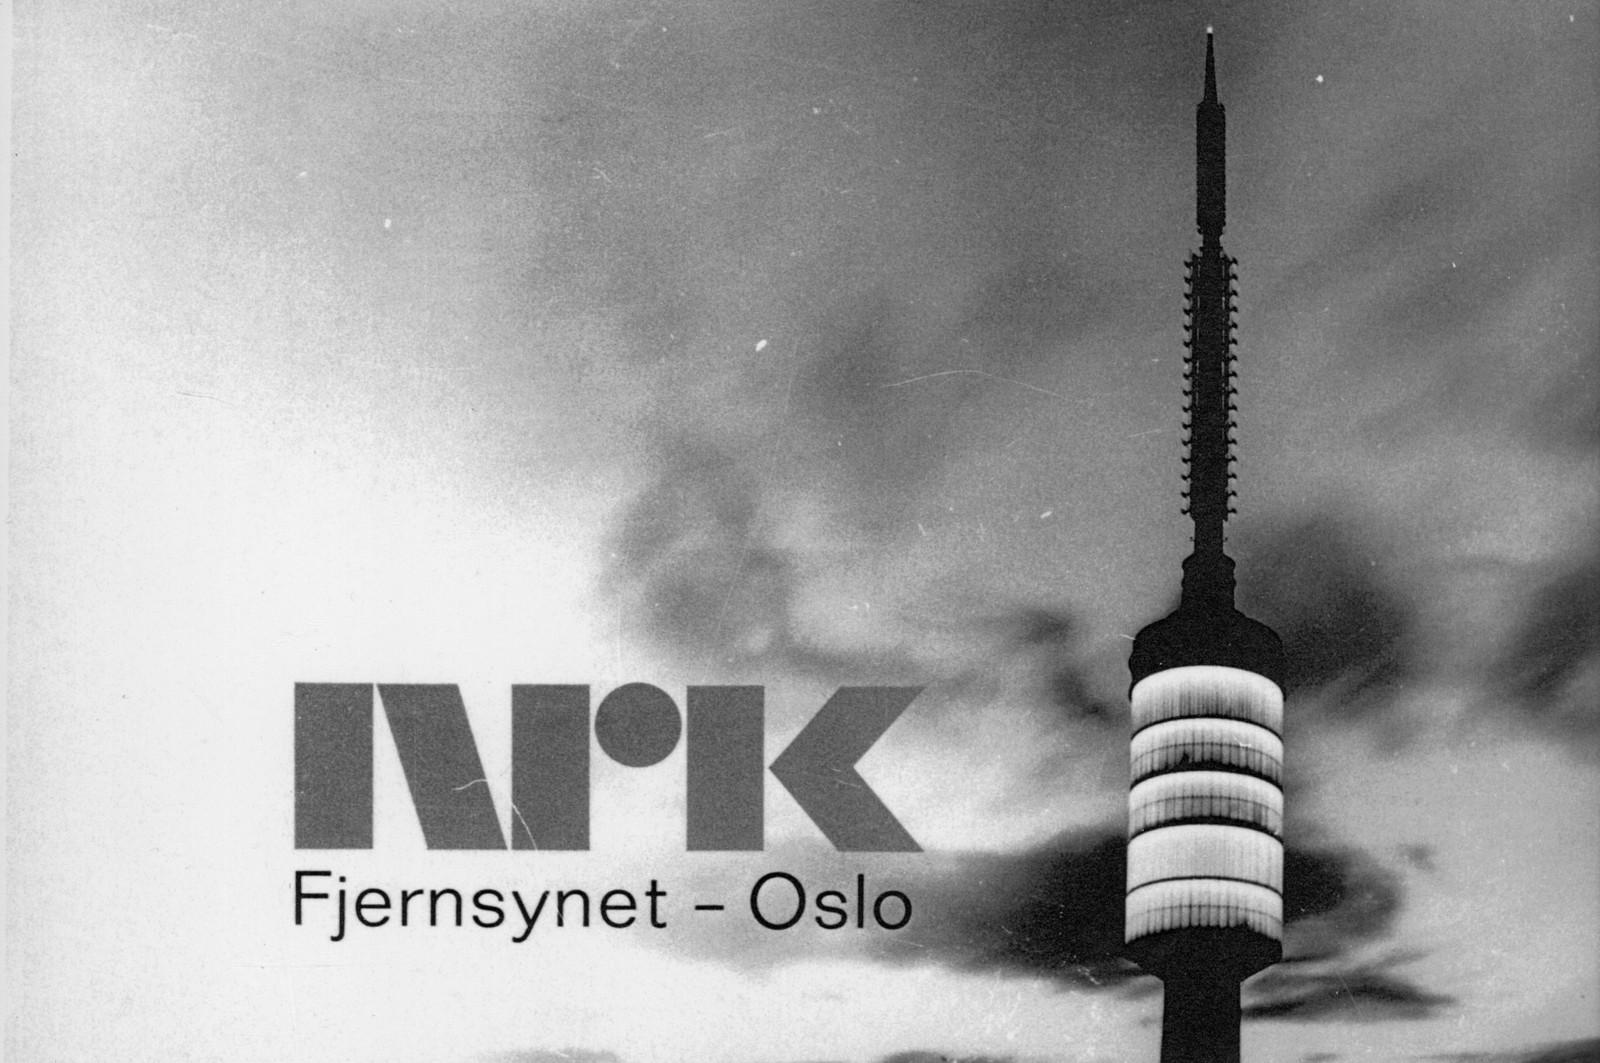 Tryvannstårnet var også brukt som stasjonsbilde eller prøvebilde den gang NRK var eneste fjernsynskanal i Norge.